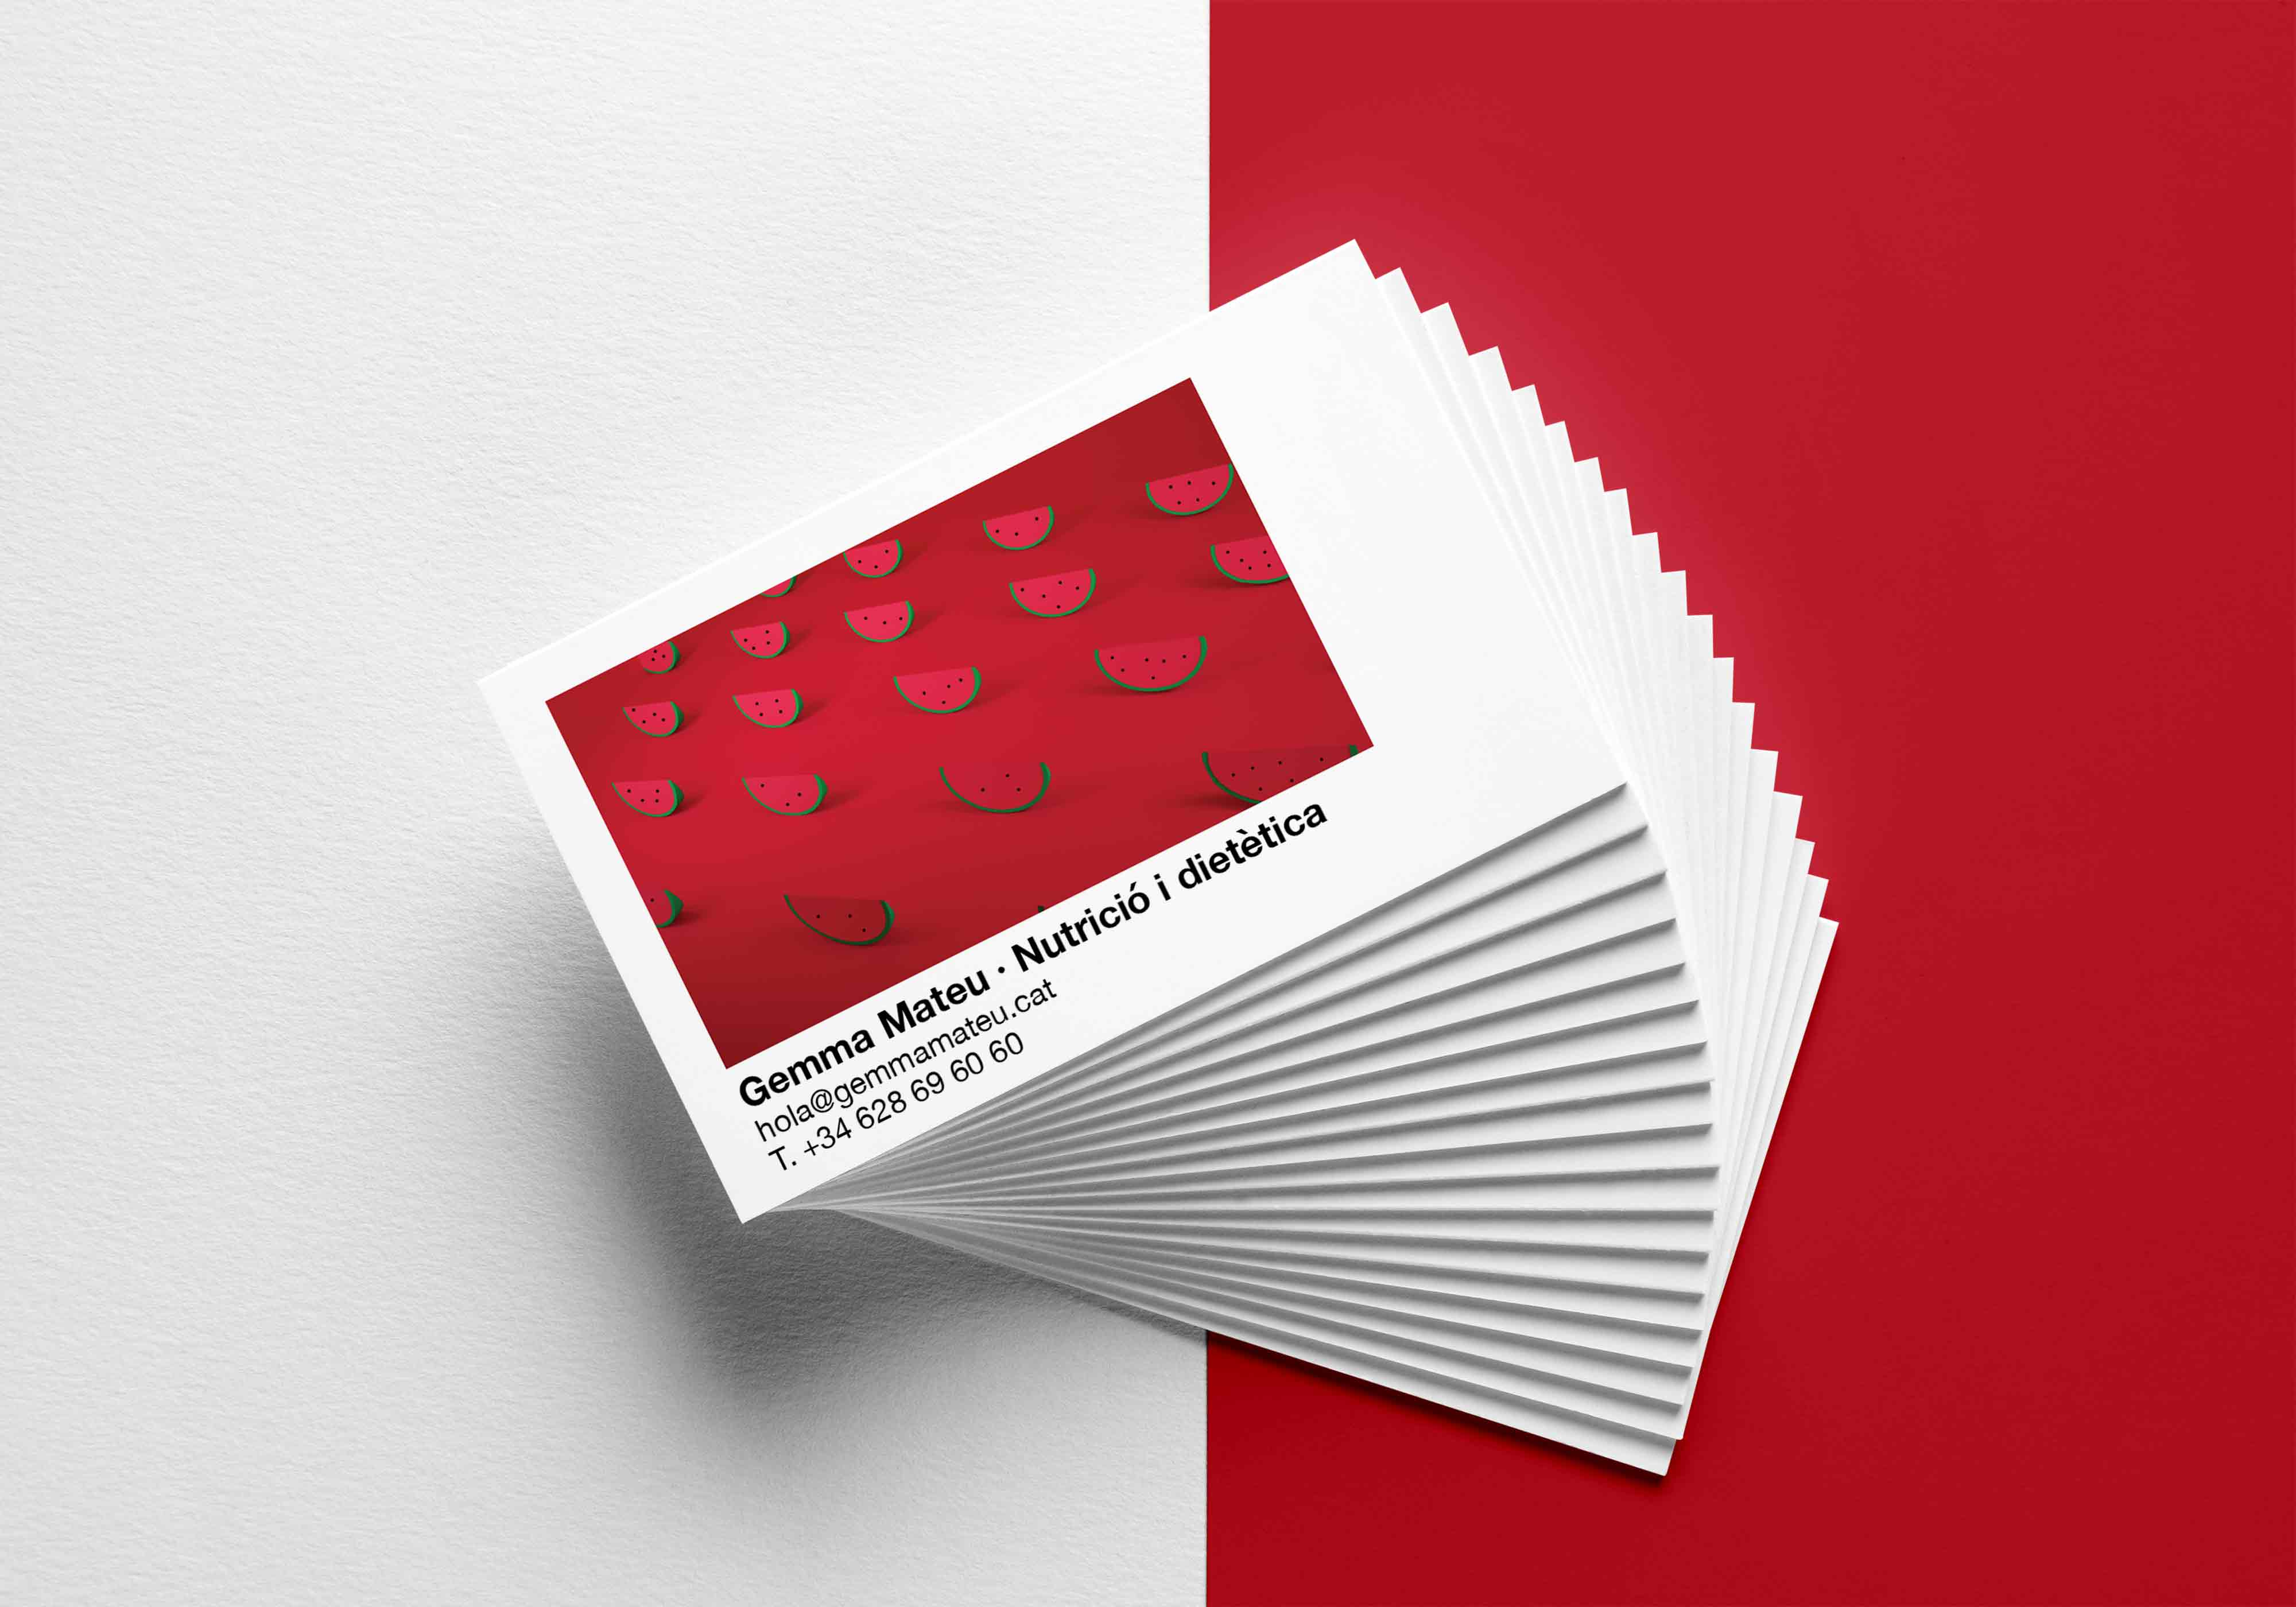 gemma-mateu-disseny-vilafranca-angels-pinyol-disculpi-studio-watermelon-pattern-